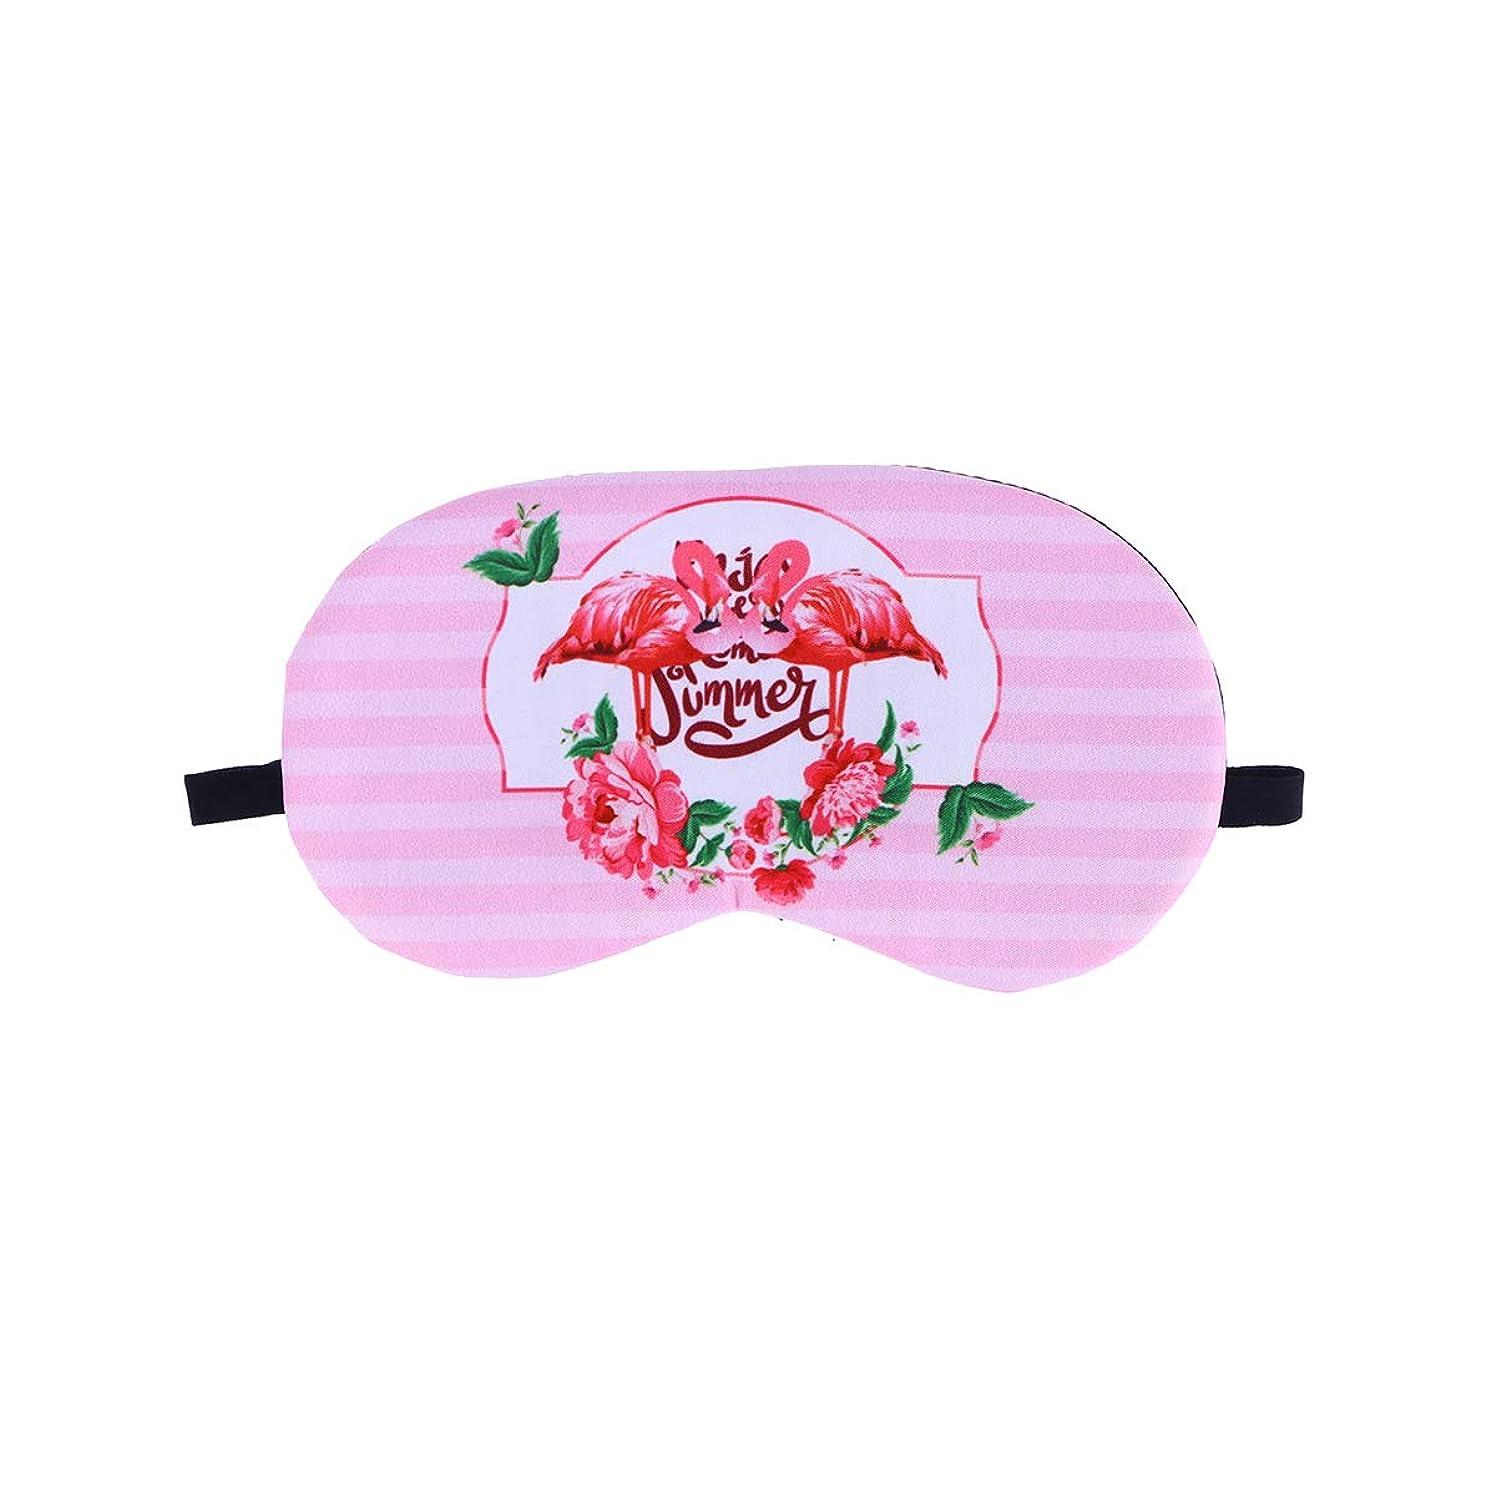 限り存在する長いですSUPVOX フラミンゴアイマスク動物睡眠トラベリング目隠しアイカバー(ピンク)